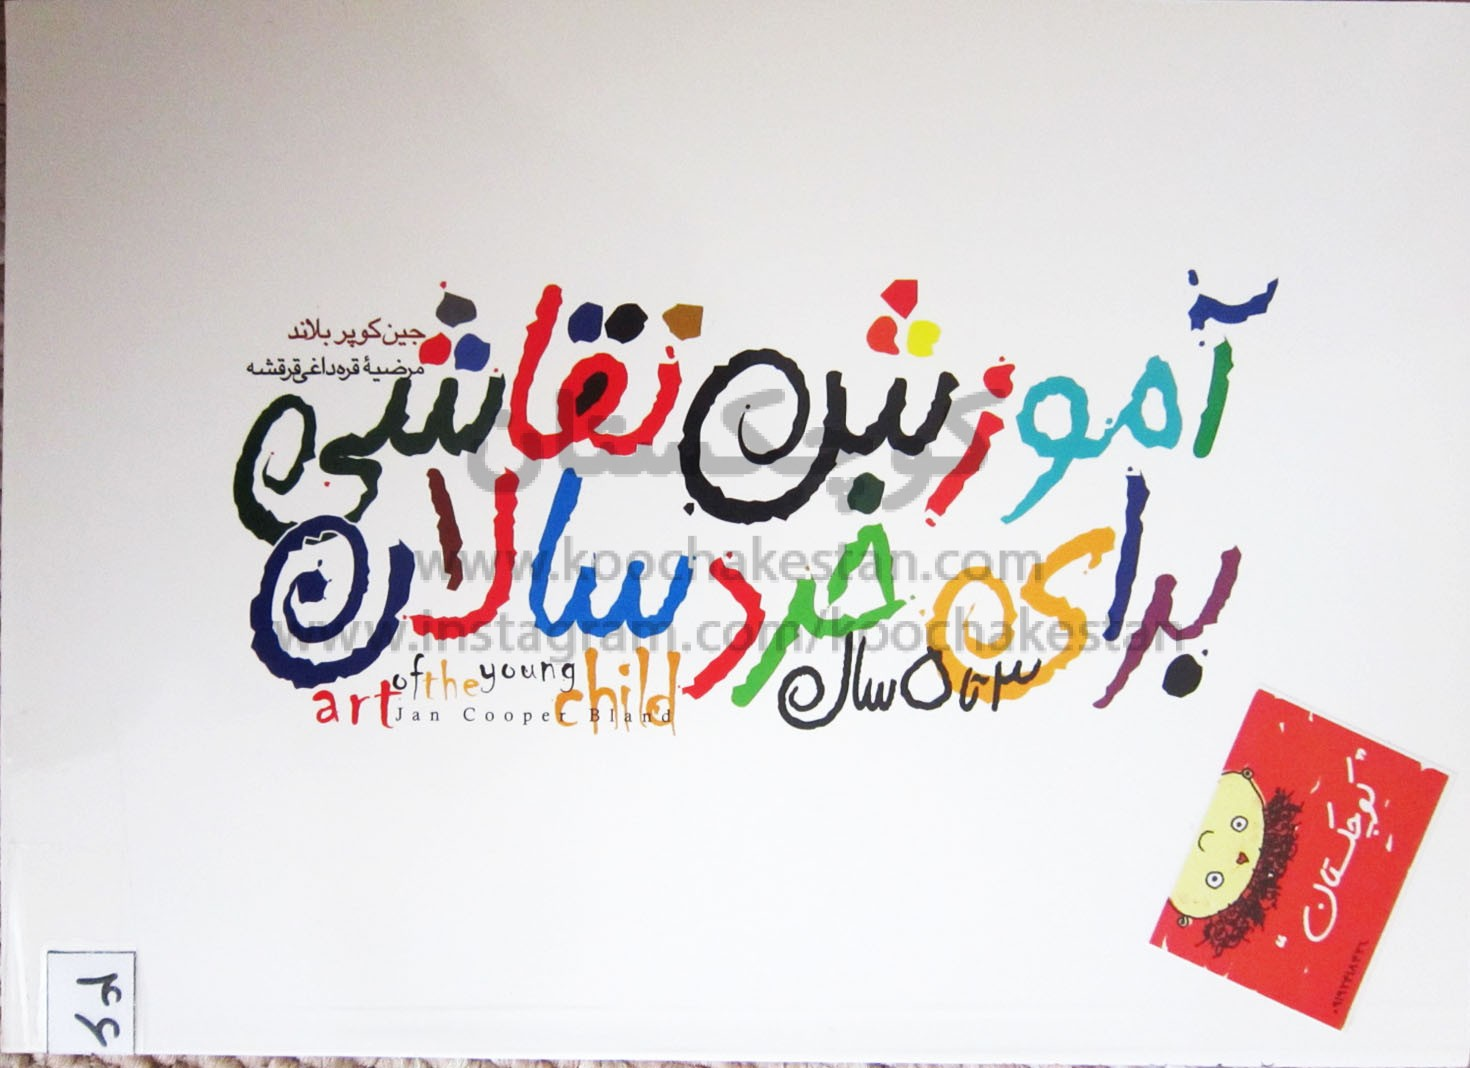 آموزش نقاشی برای خردسالان - کتابخانه کودک - کوچکستان